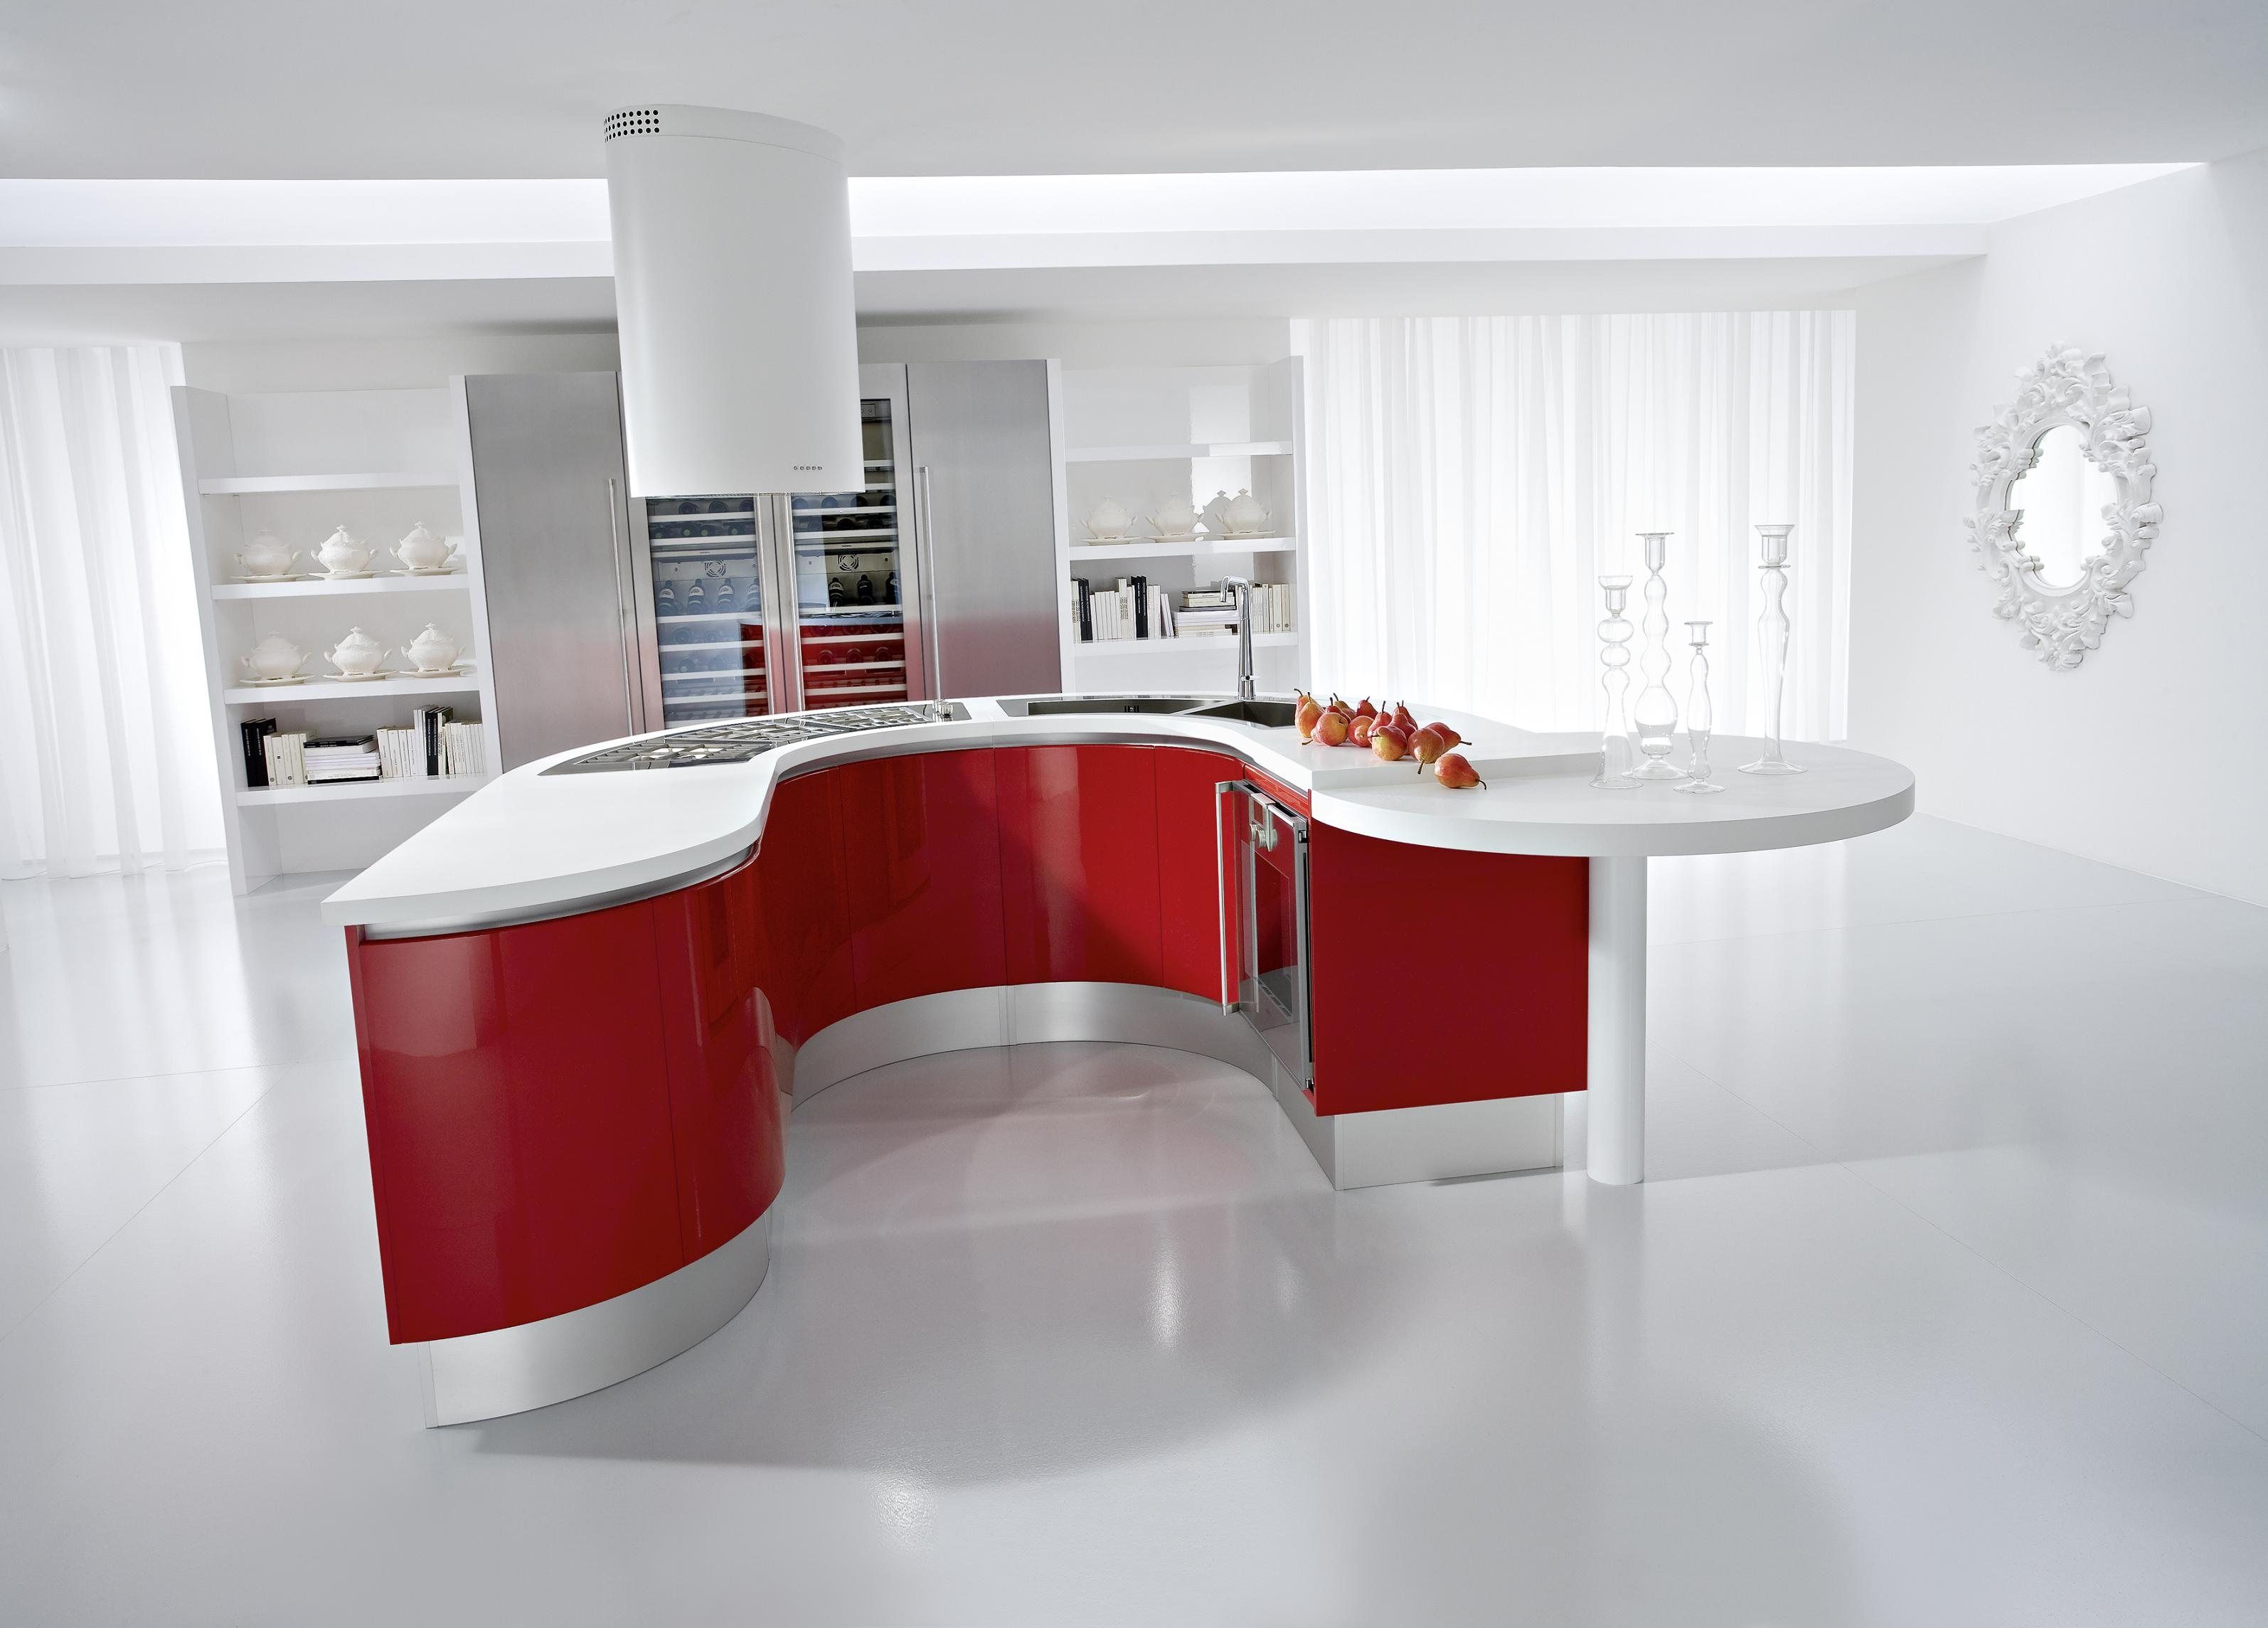 Aluminum Kitchen Storage (View 5 of 10)